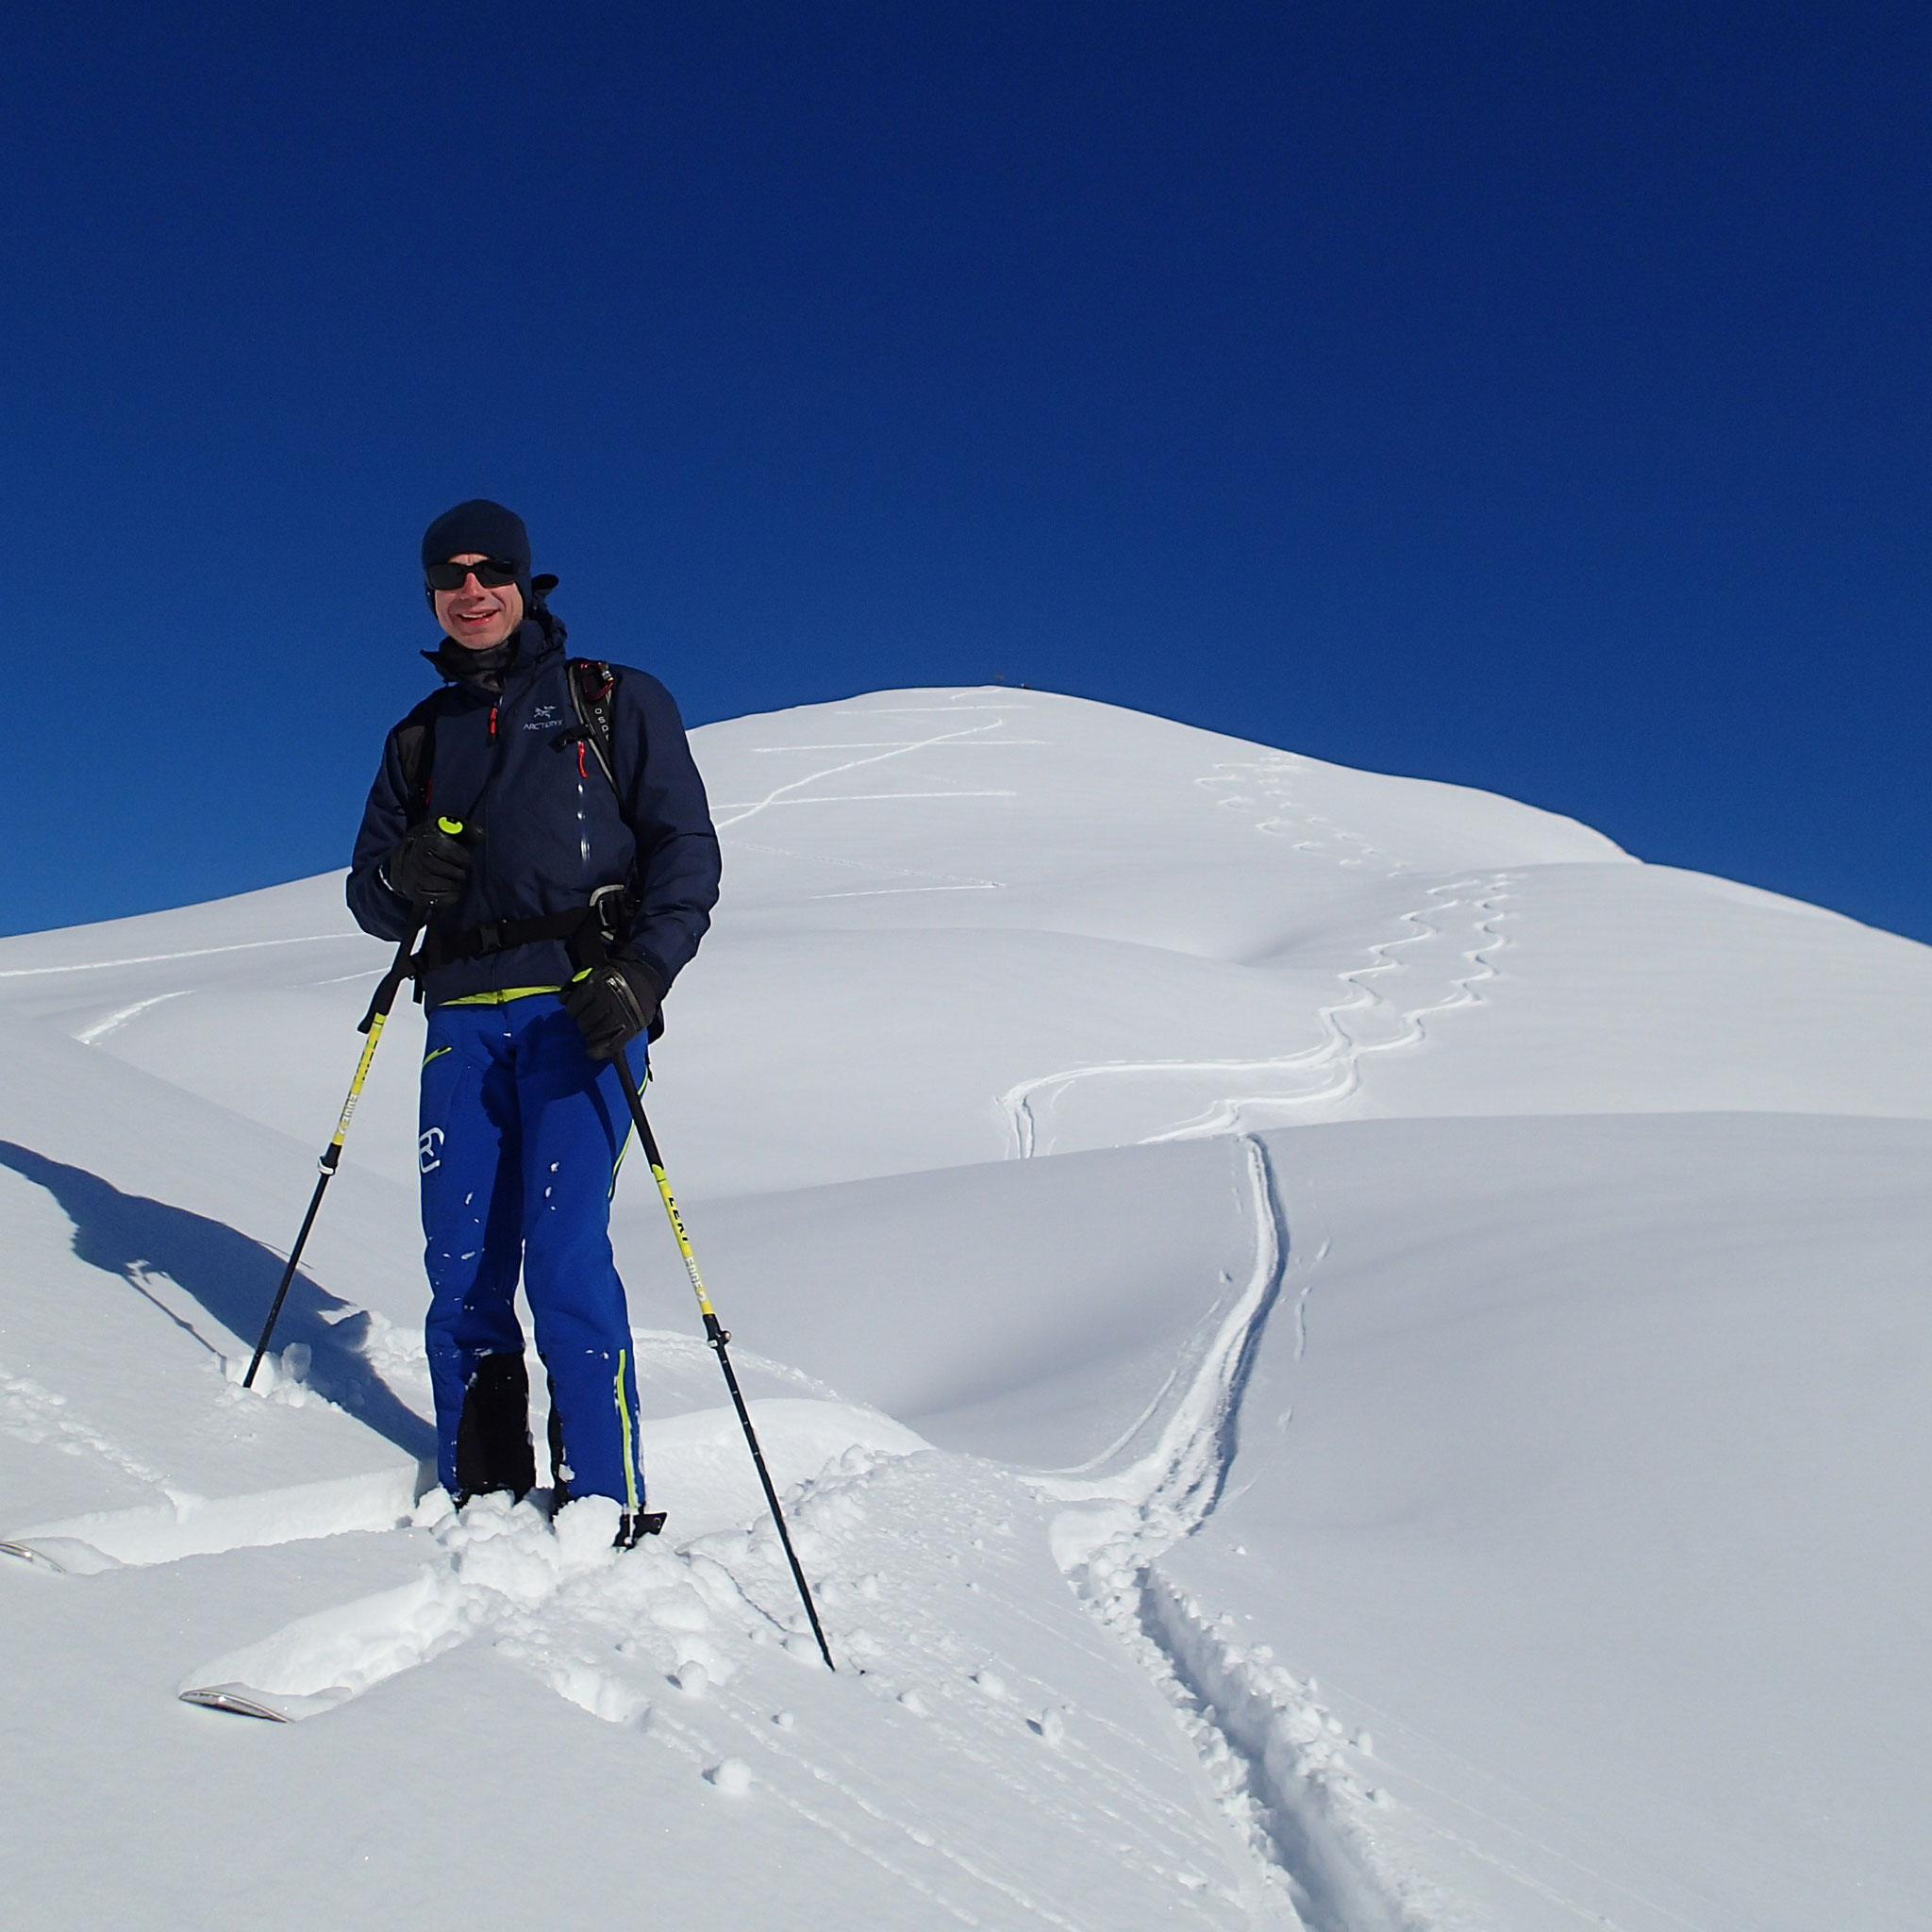 Fabrice en rigole : Quelle neige, et de belles traces !!